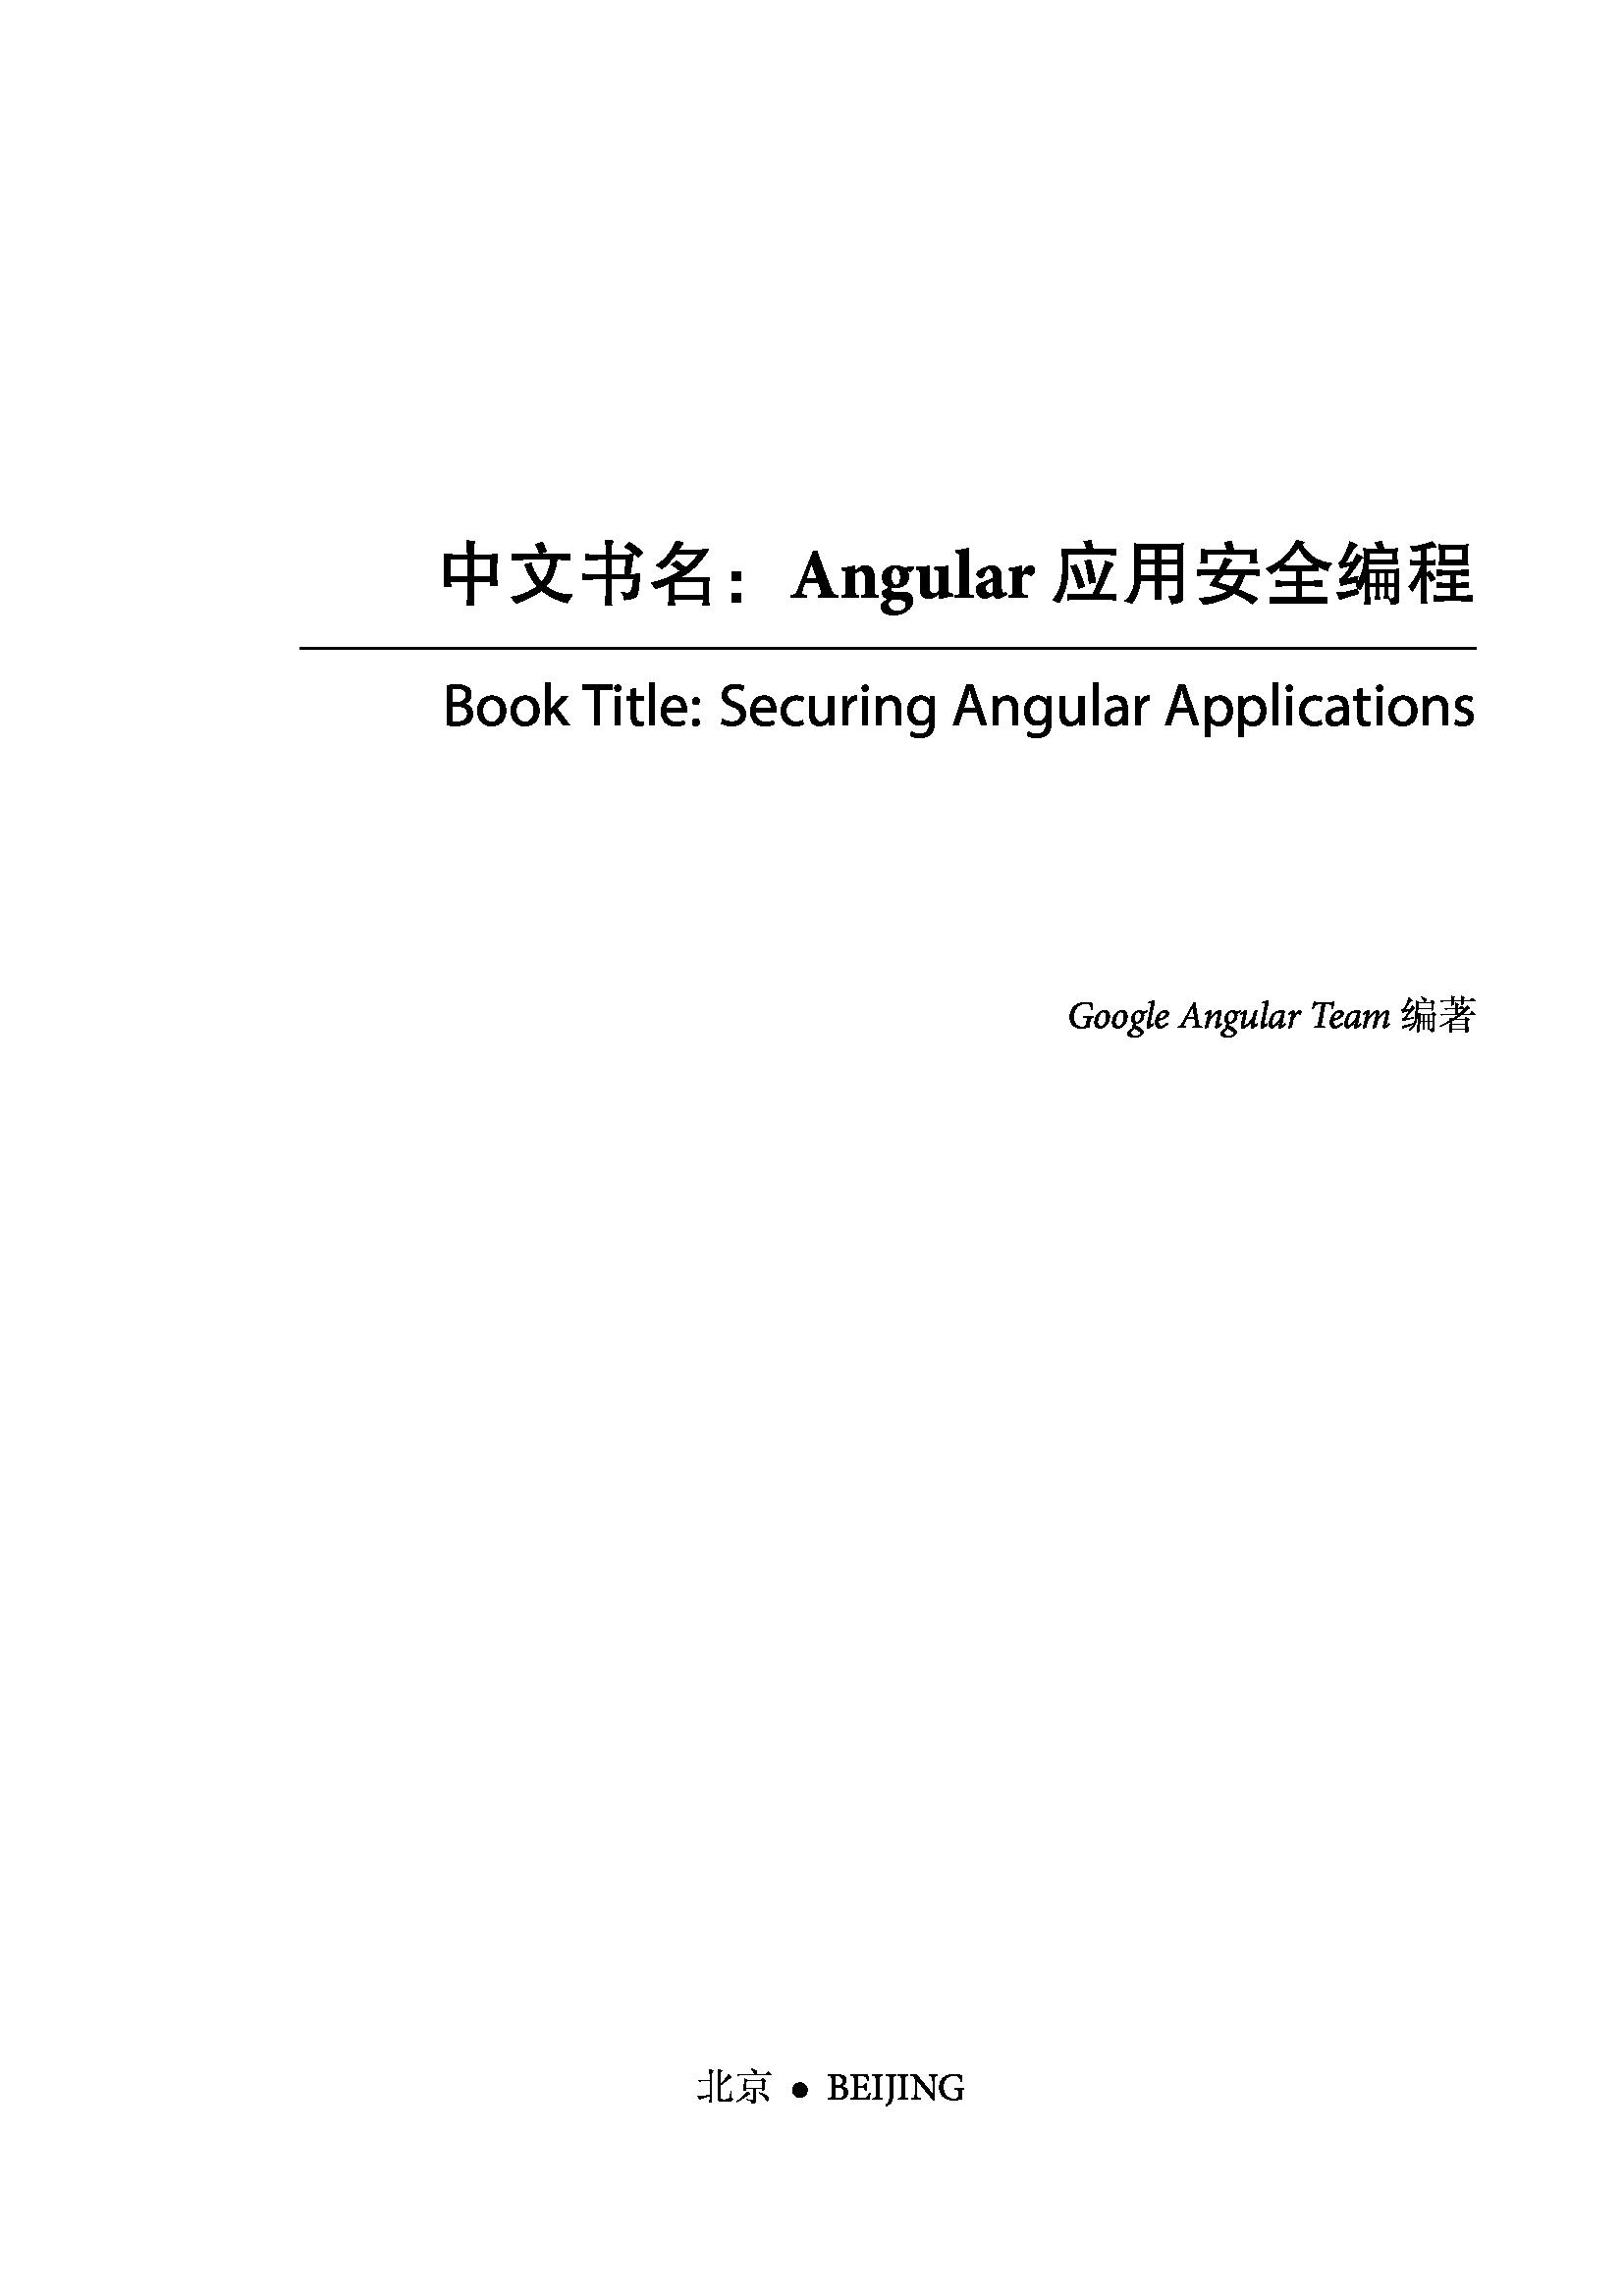 一个用户专为程序员制作的简易 LaTeX 书籍模板